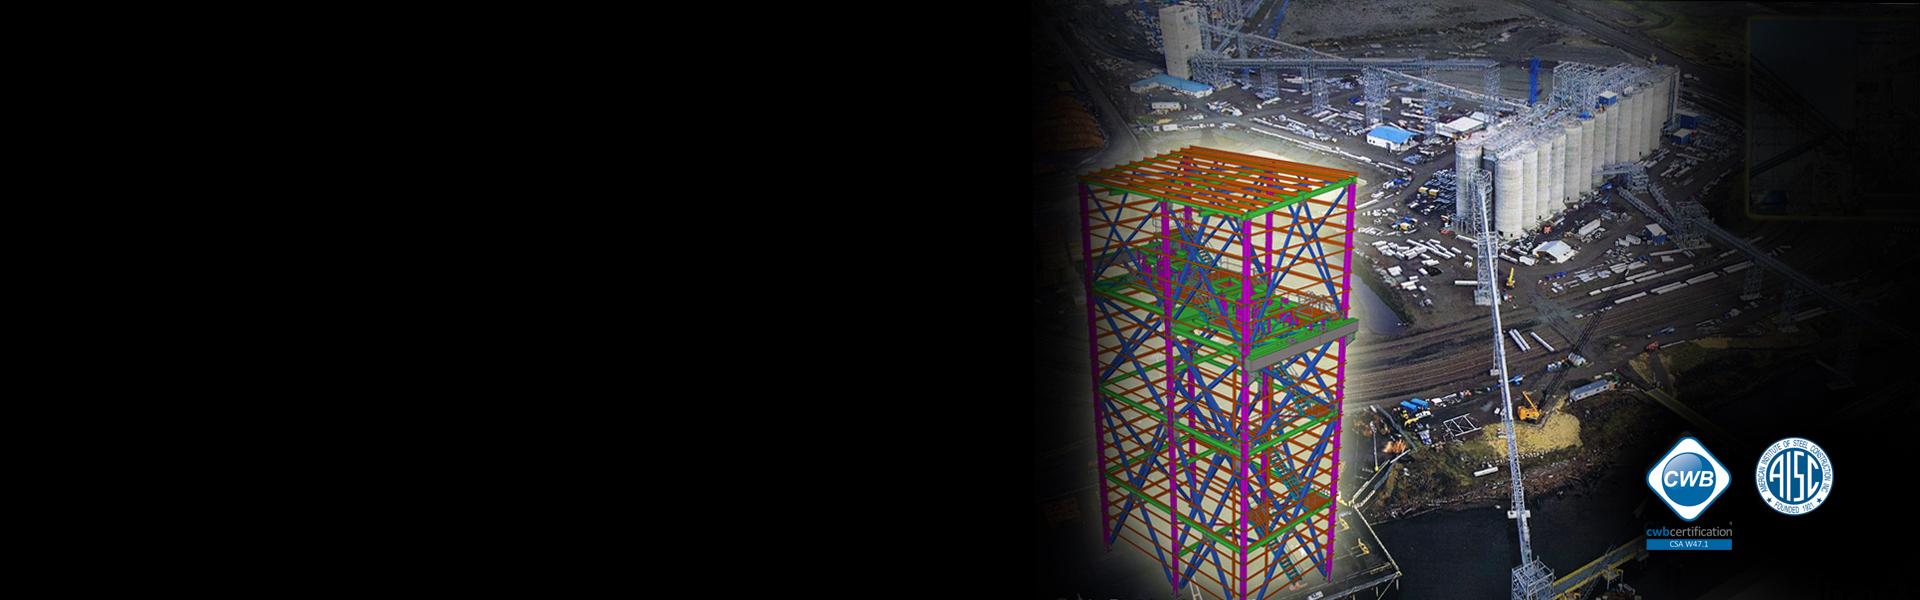 BIM Technology   3D Modeling   Mid-City Steel of La Crosse, WI